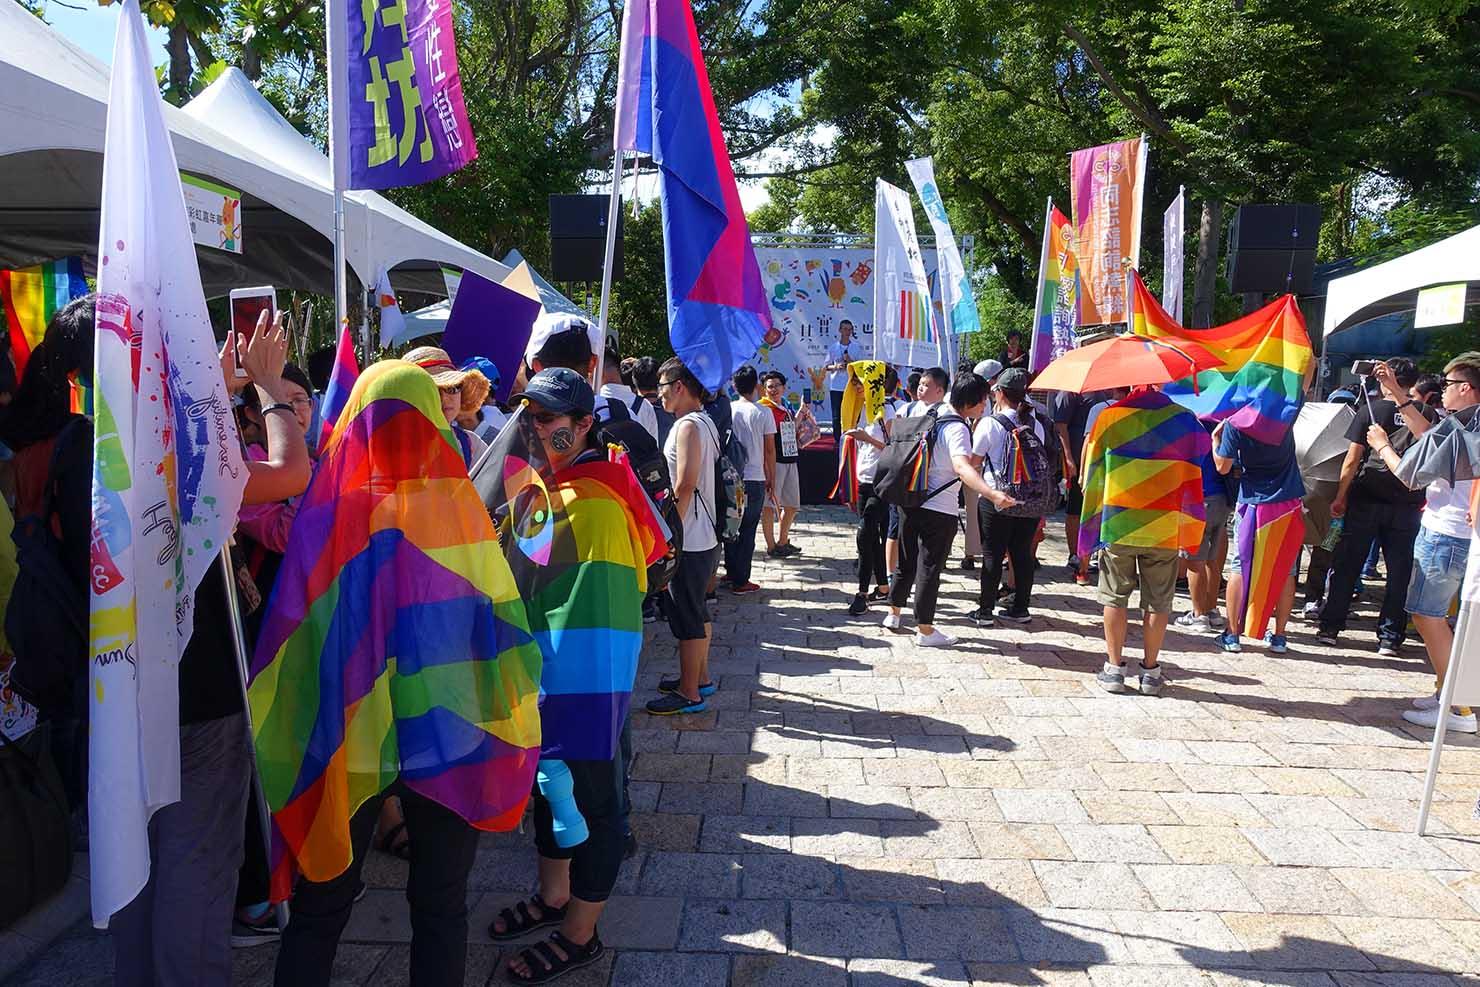 台湾東部のLGBTプライド「花東彩虹嘉年華」台東会場ステージ前でレインボーフラッグを纏う参加者